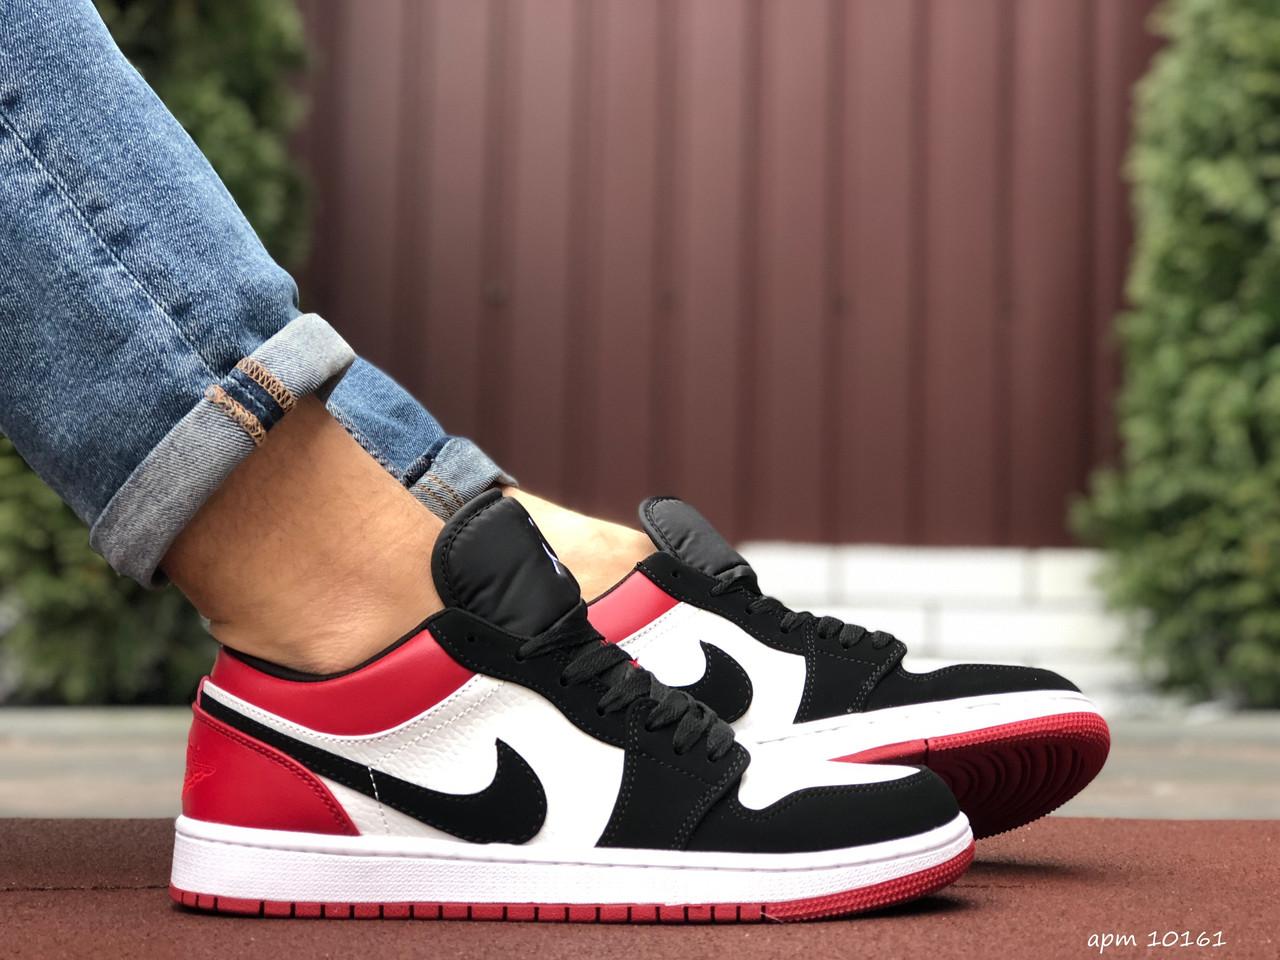 Мужские демисезонные кроссовки Nike Air Jordan 1 Retro,белые с черным/красным